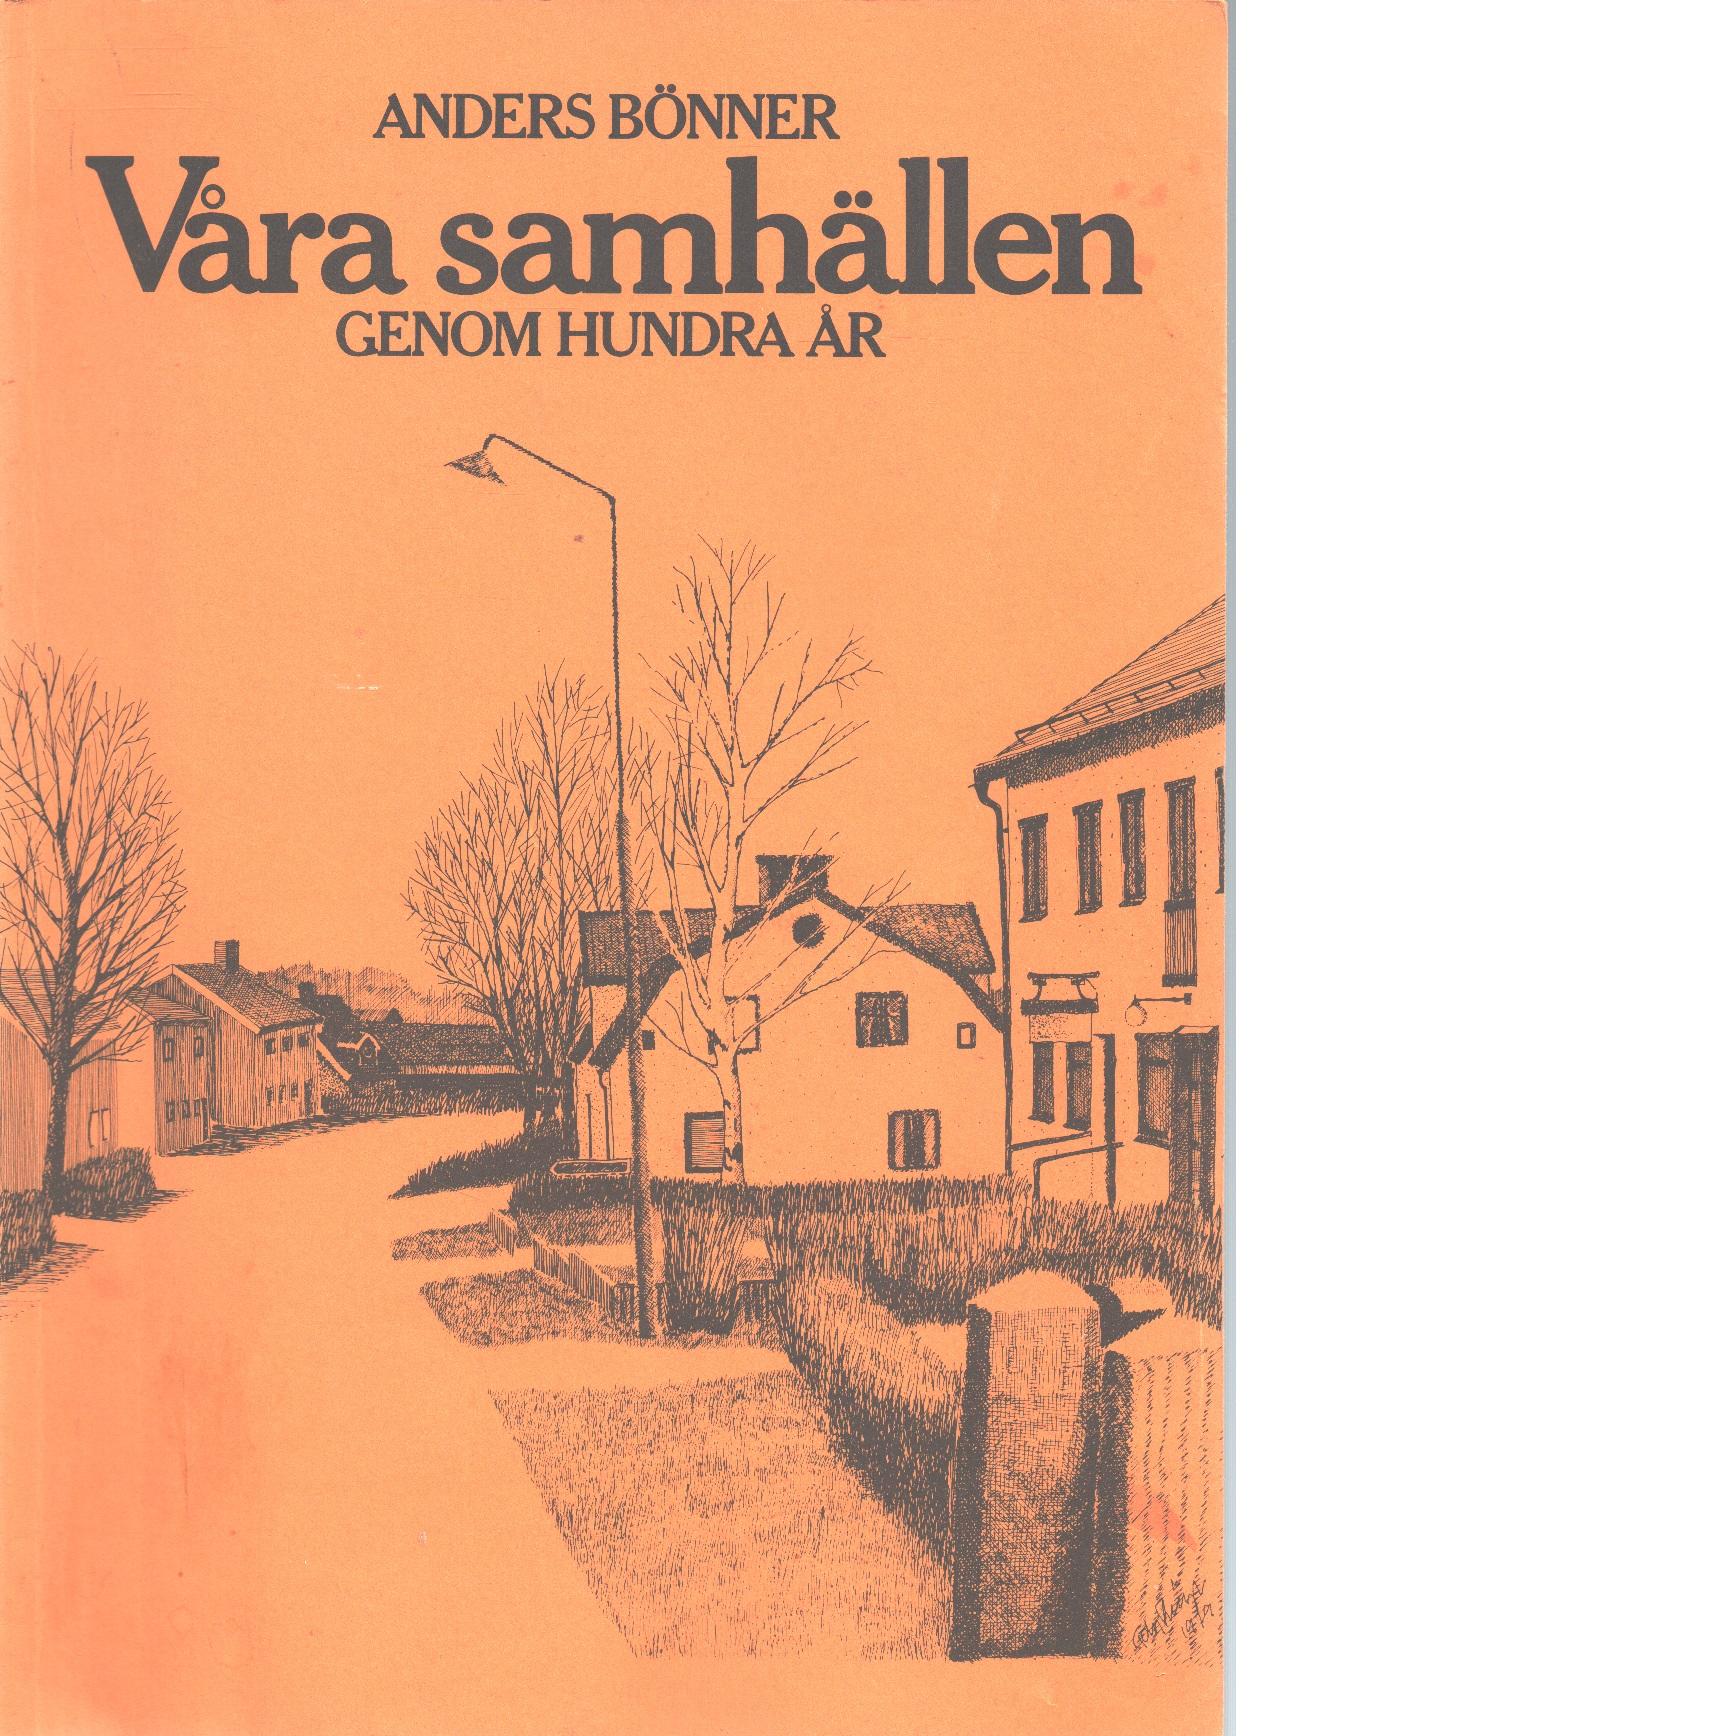 Våra samhällen genom hundra år - Bönner, Anders